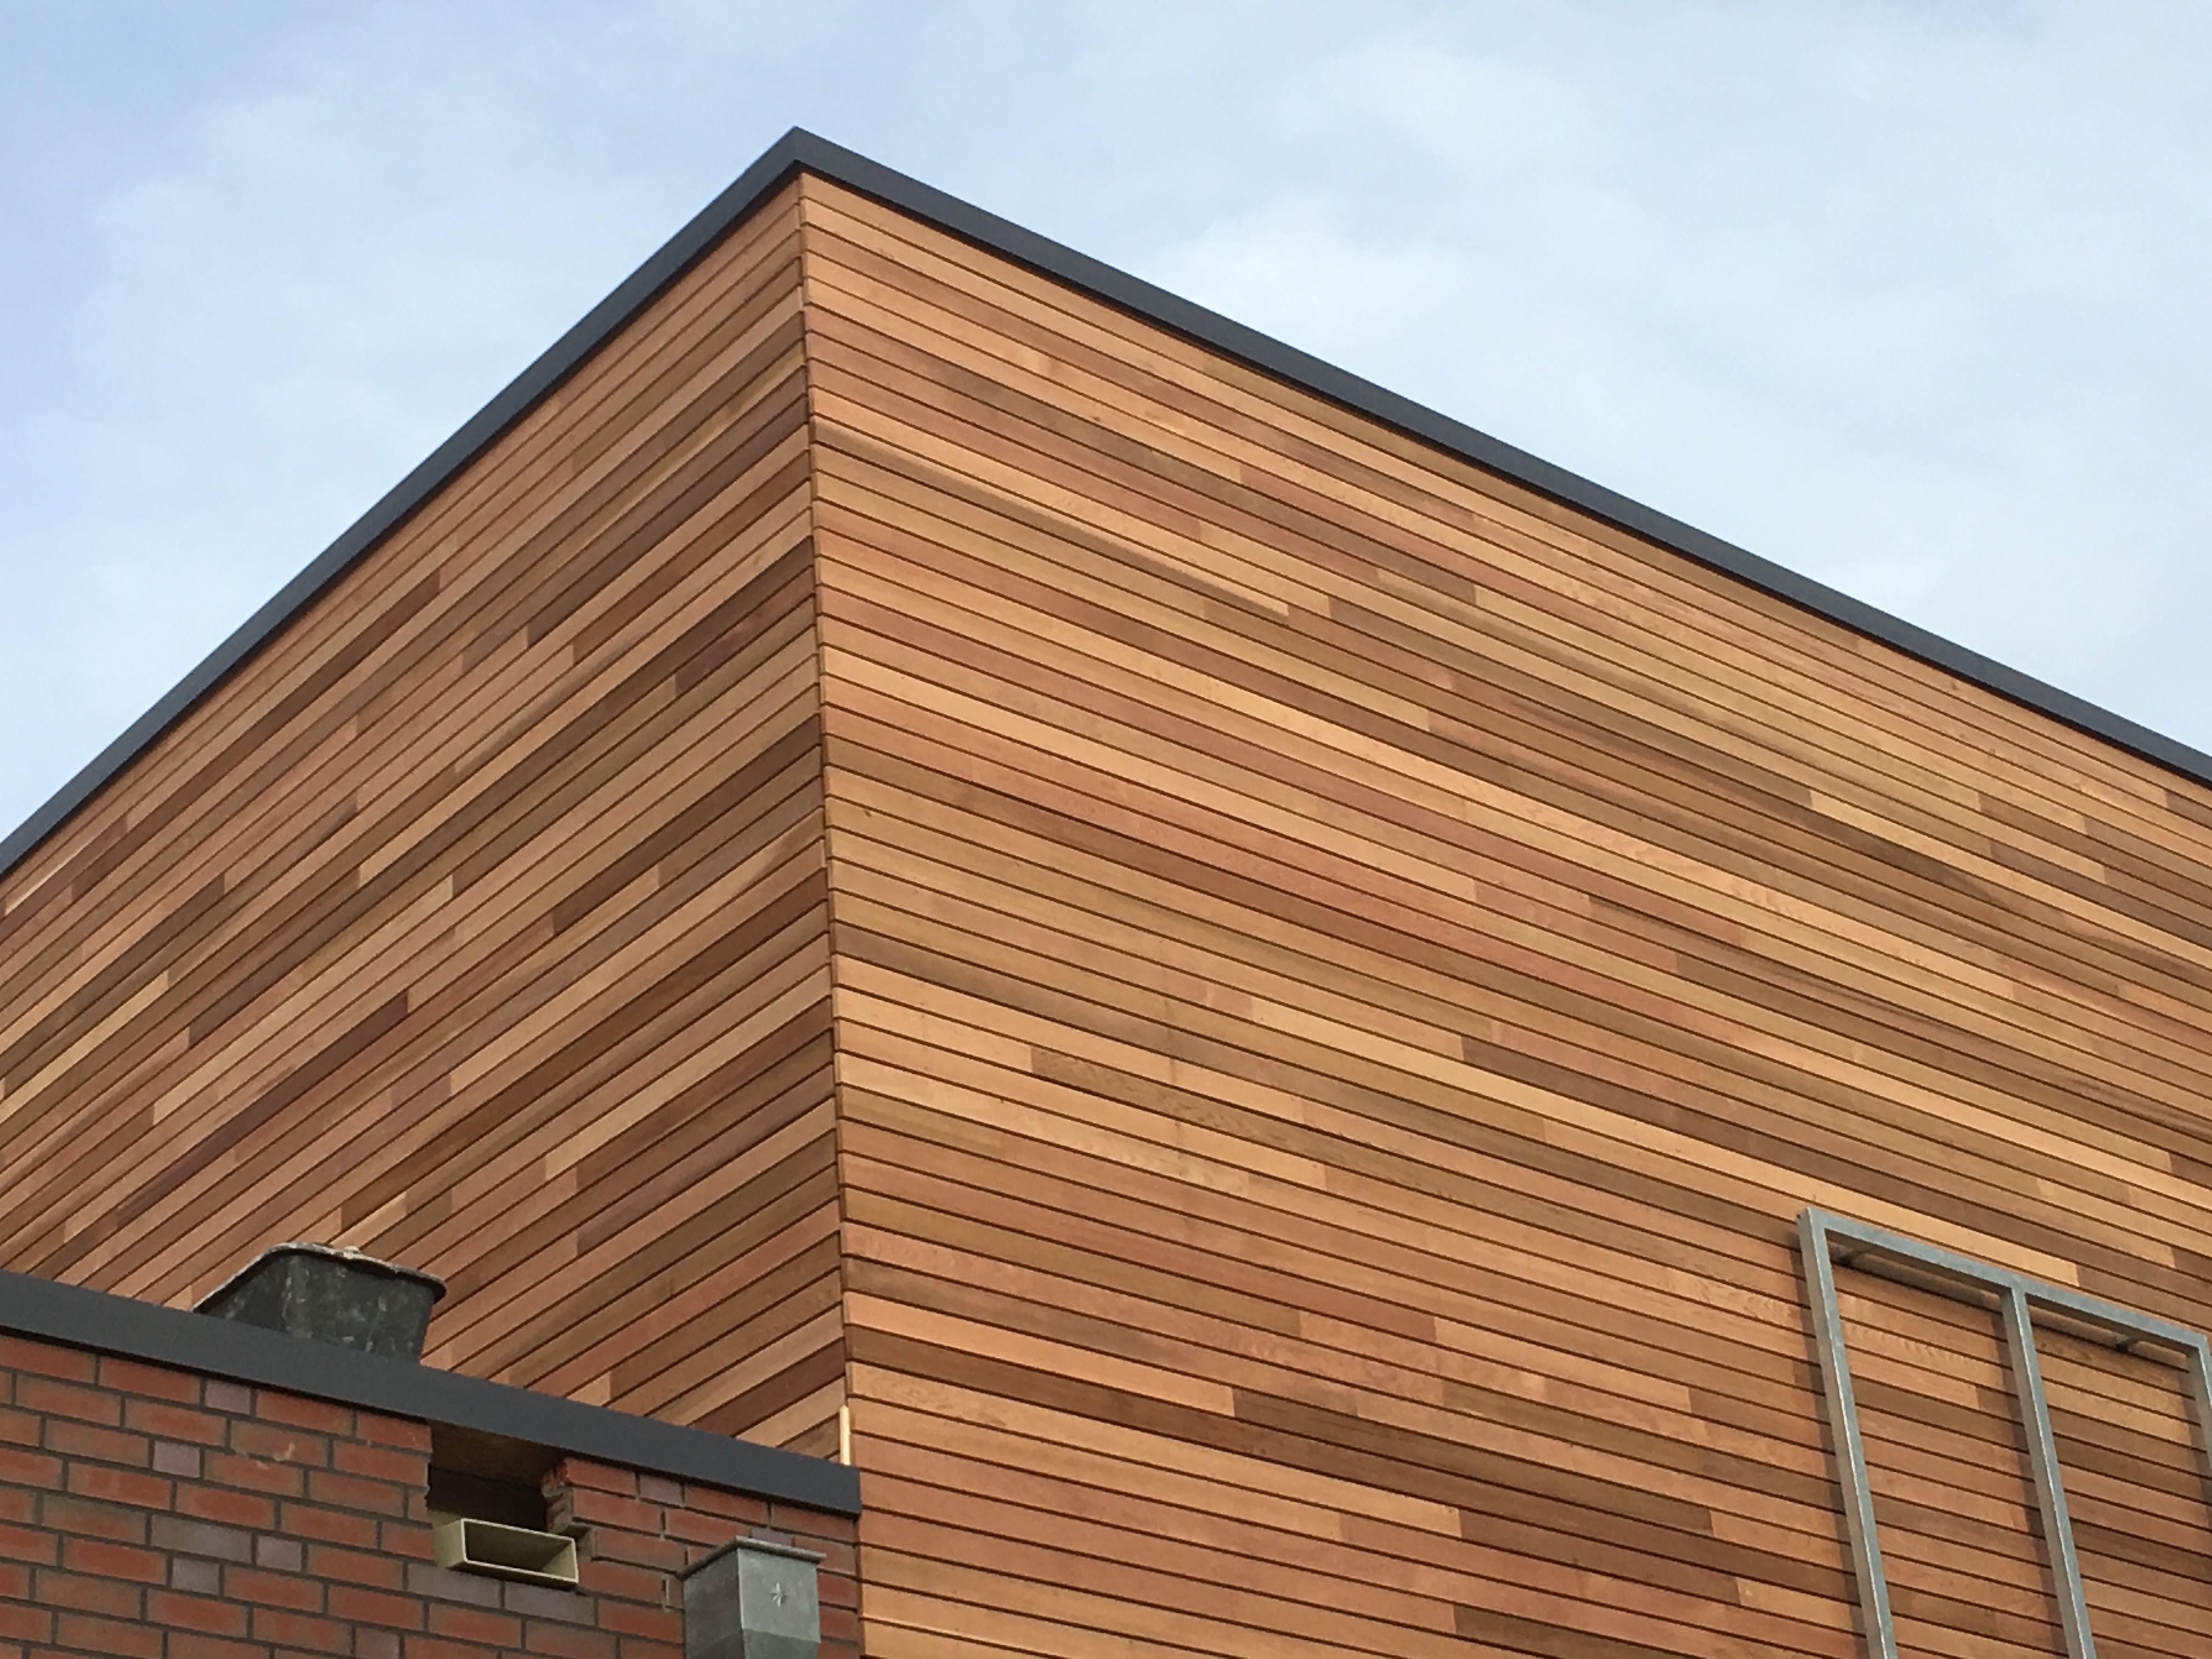 Holzfassade Detail 25 x 90mm rhombusprofil cedar fassade holzfassade